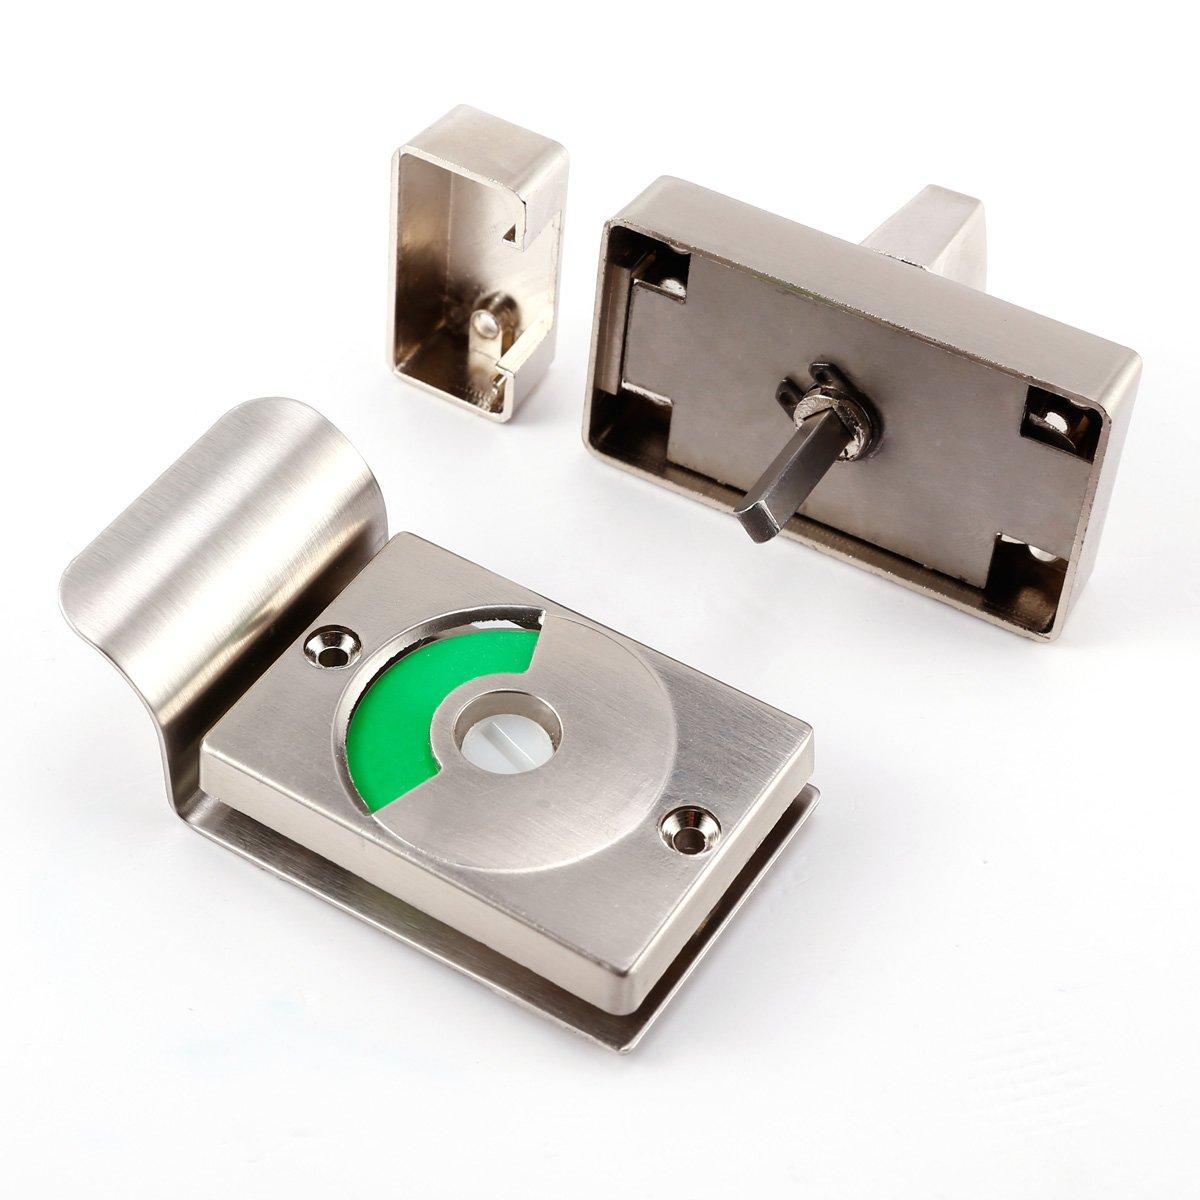 CLE DE TOUS - Cerrojo para puerta bañ o con indicador Cerradura para puerta bañ o Surepromise